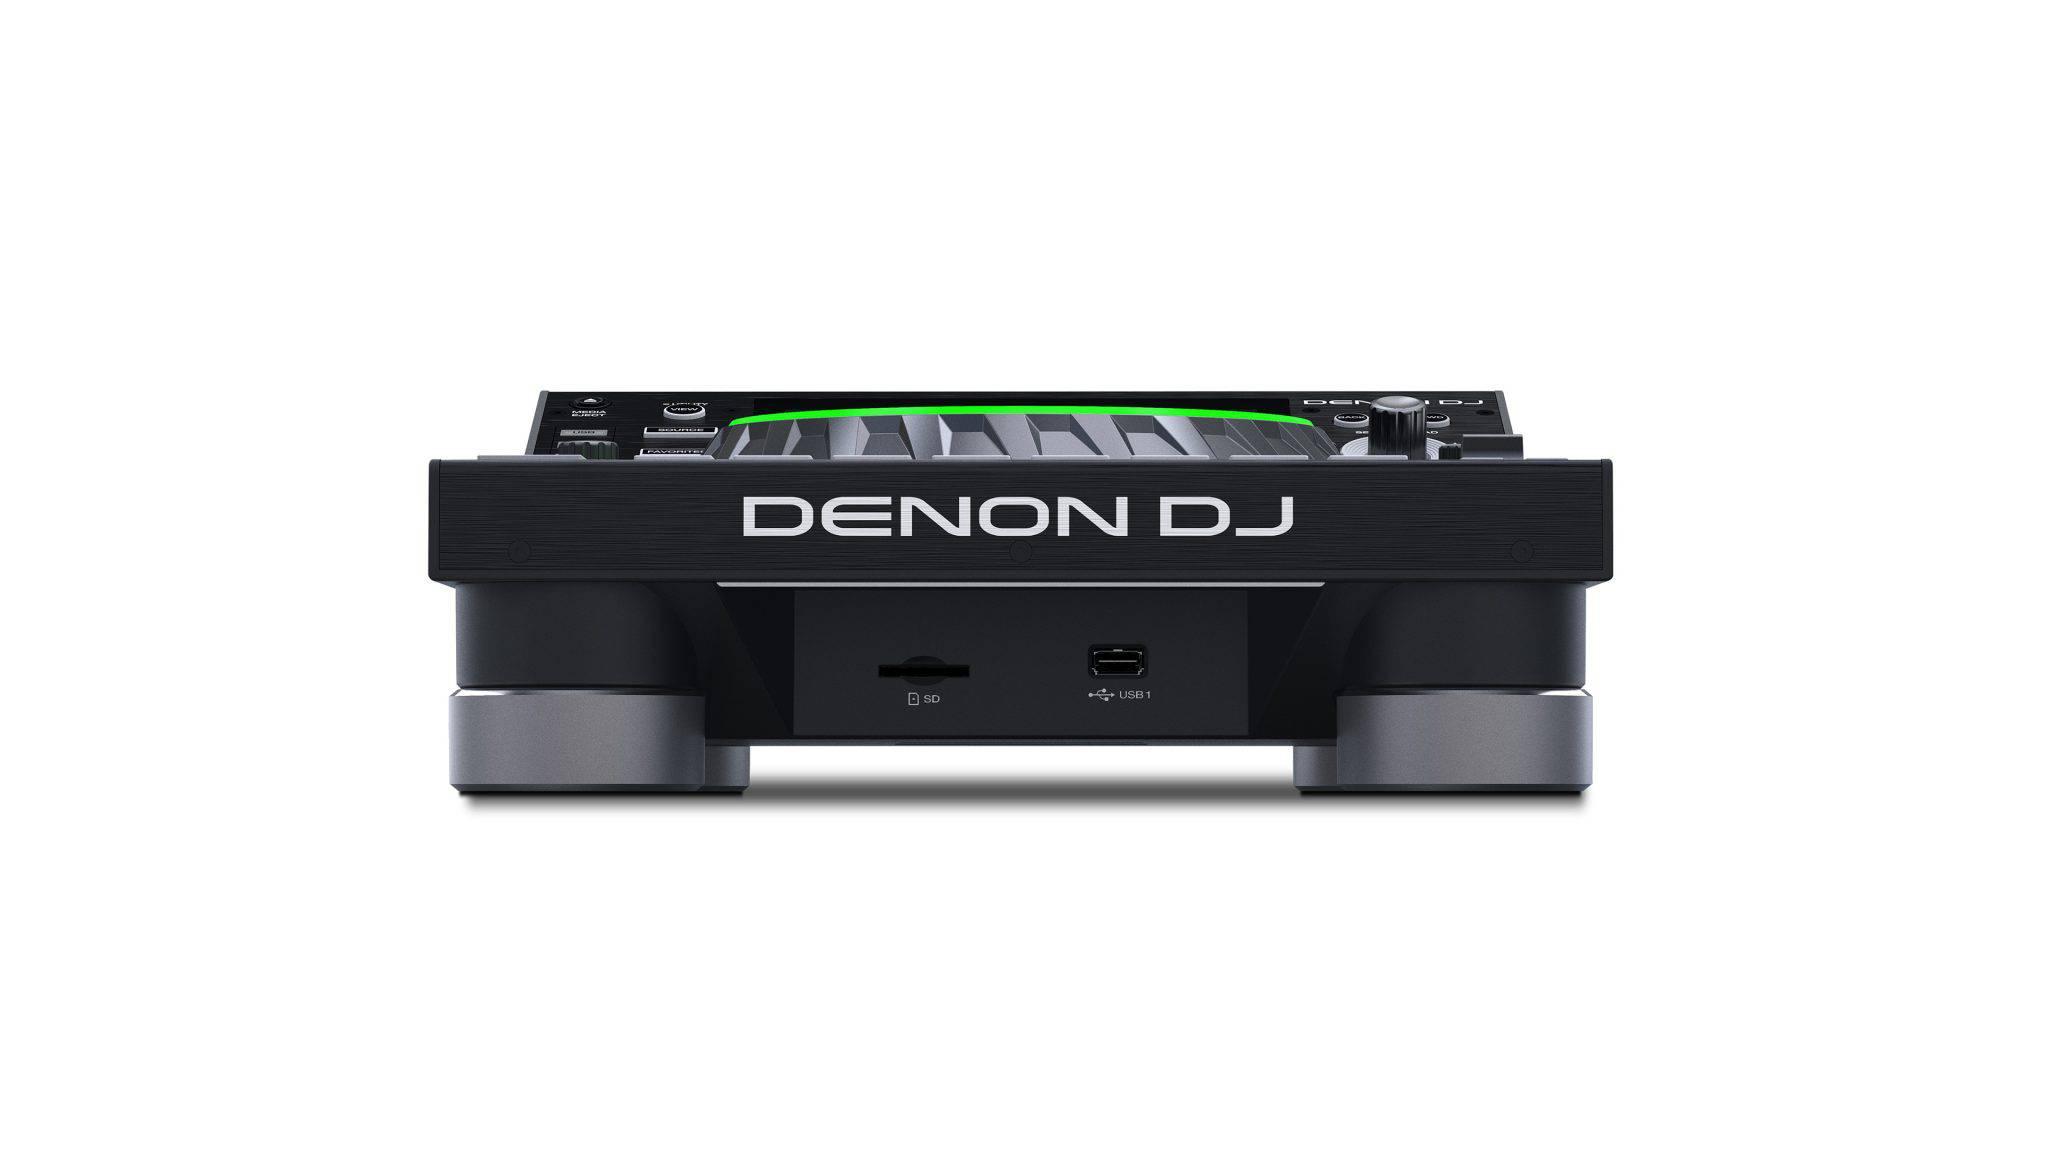 Denon DJ SC5000 Prime - Cel mai avansat media player - vedere din spate